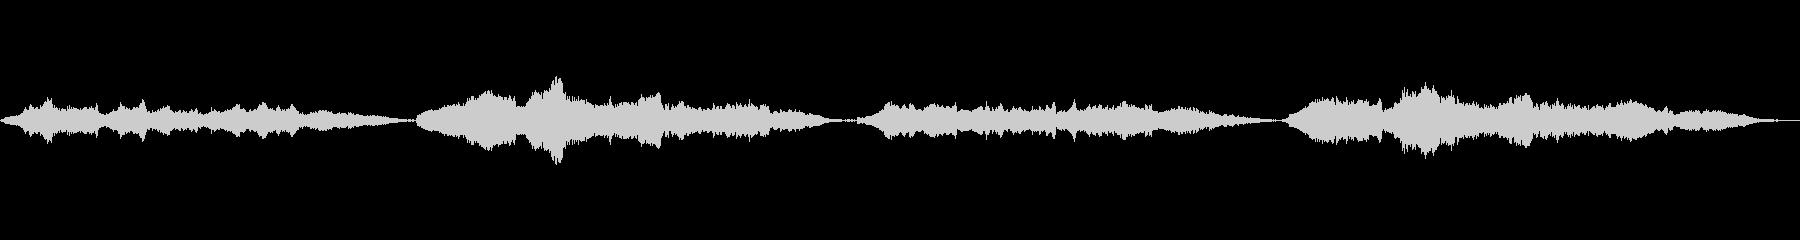 【生】しっとり切ない弦楽器とクラリネットの未再生の波形